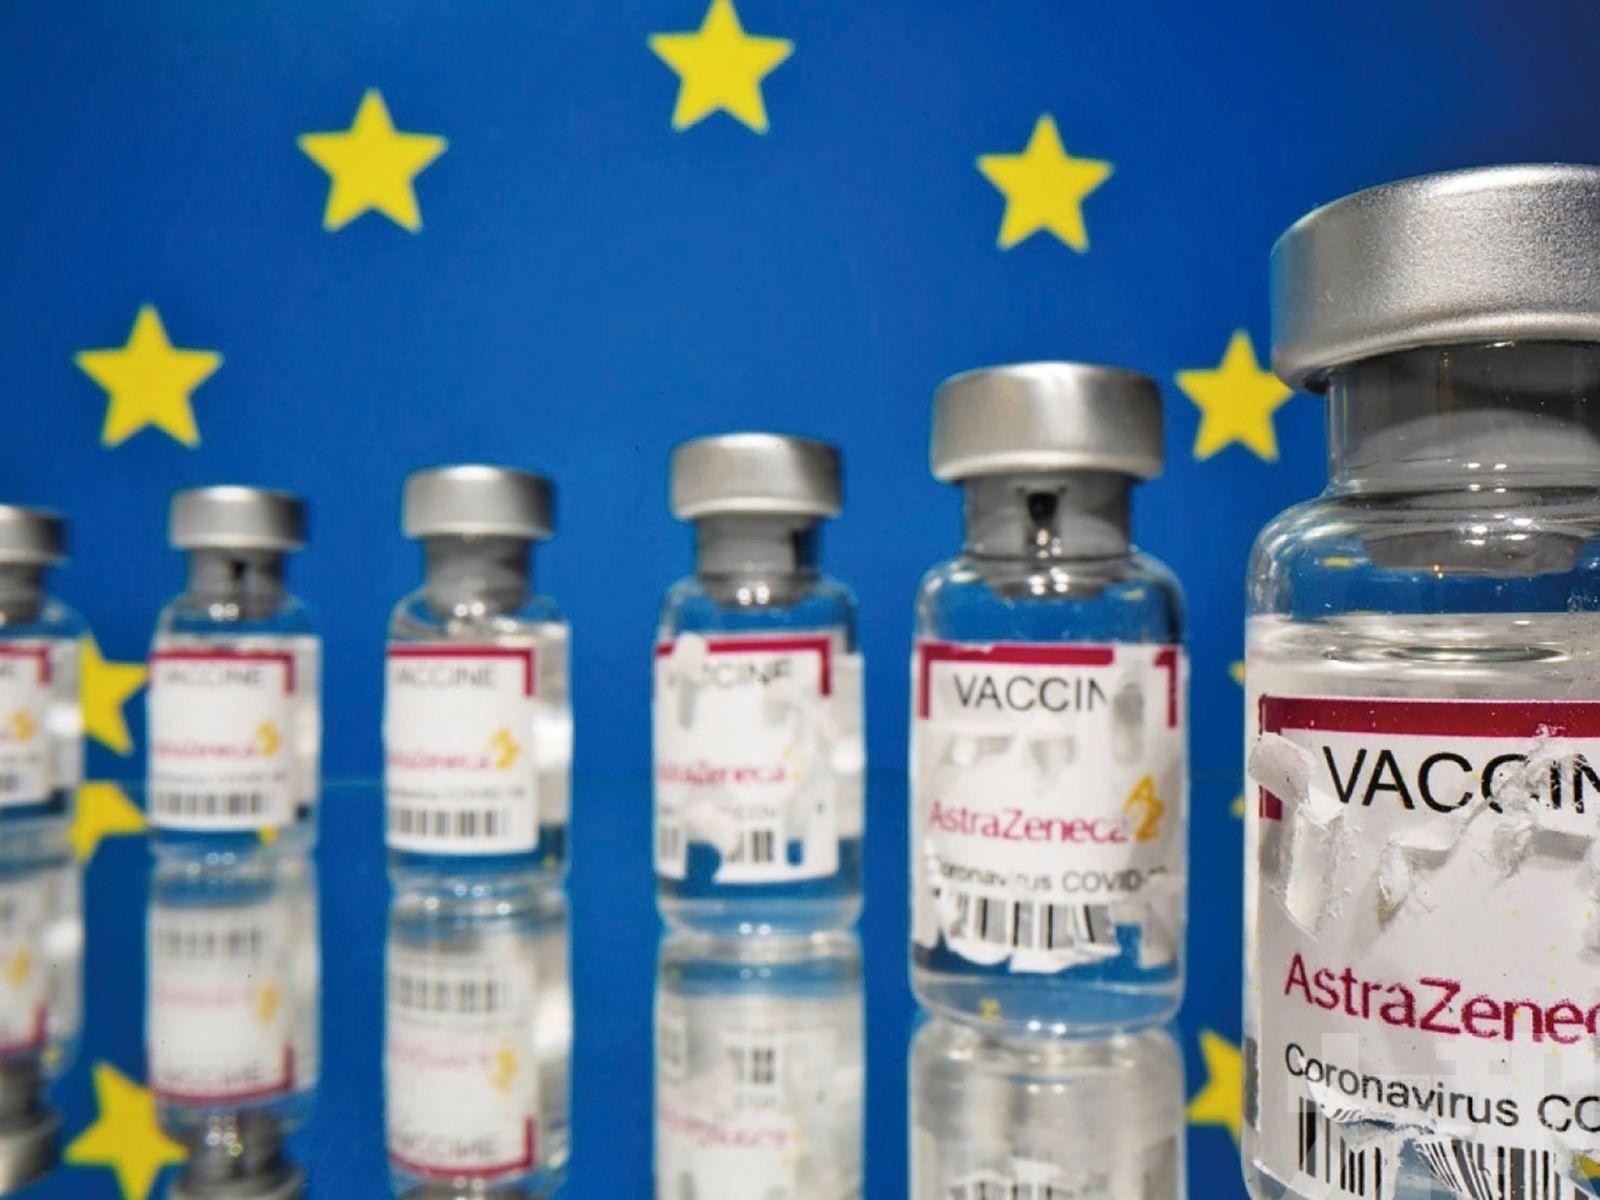 收拾歐洲的 疫苗亂局